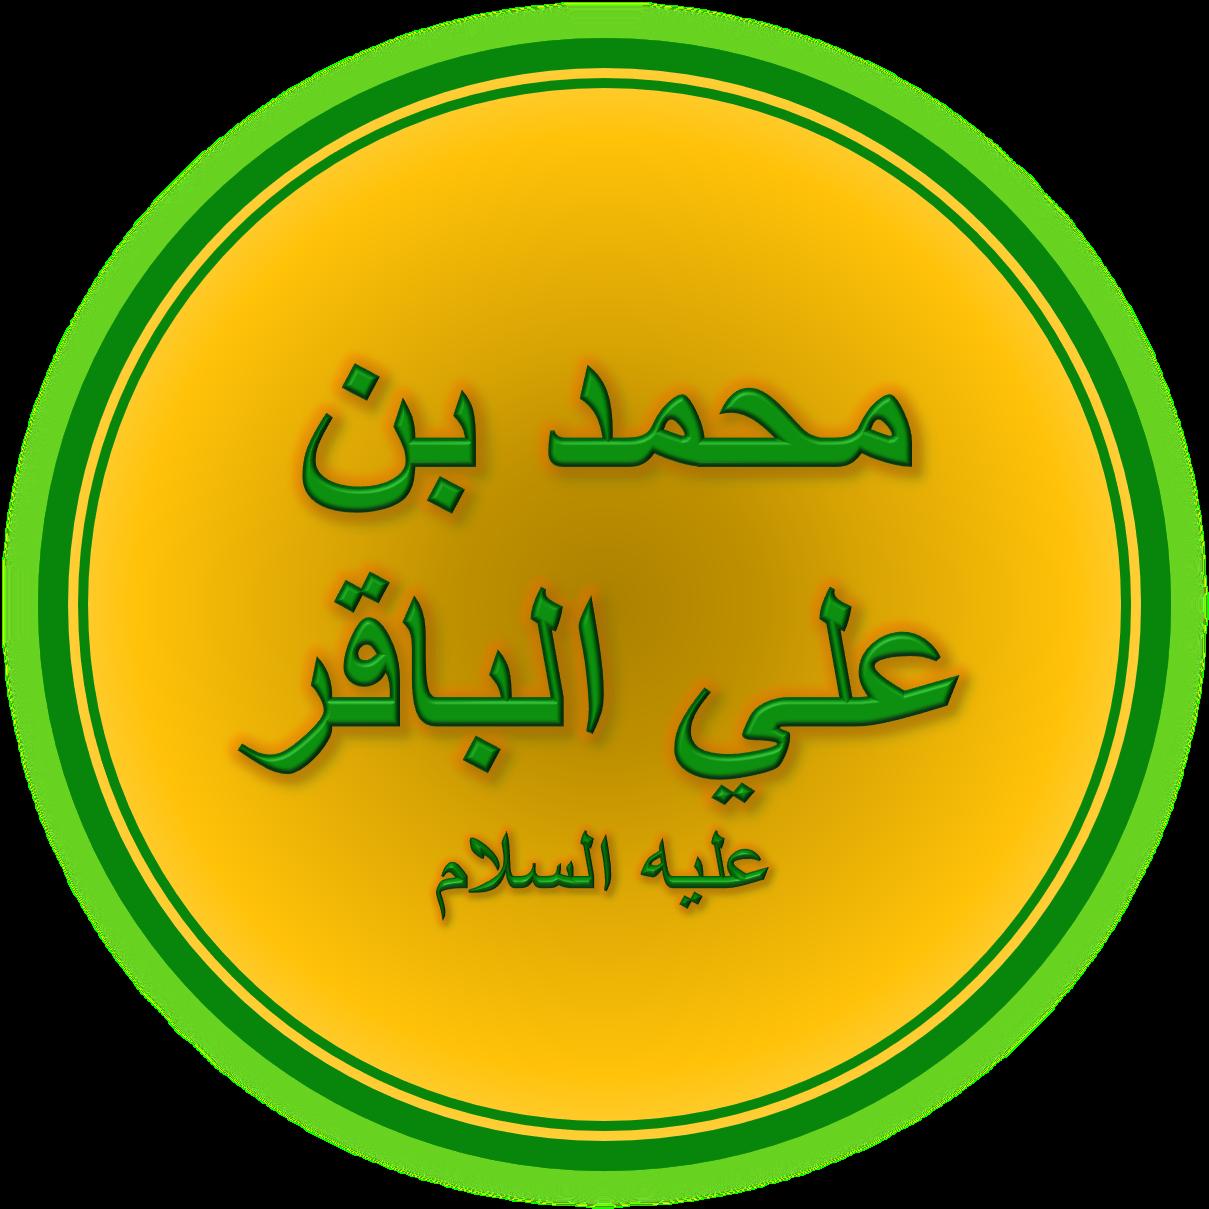 Muhammad al-Baqir - Wikipedia